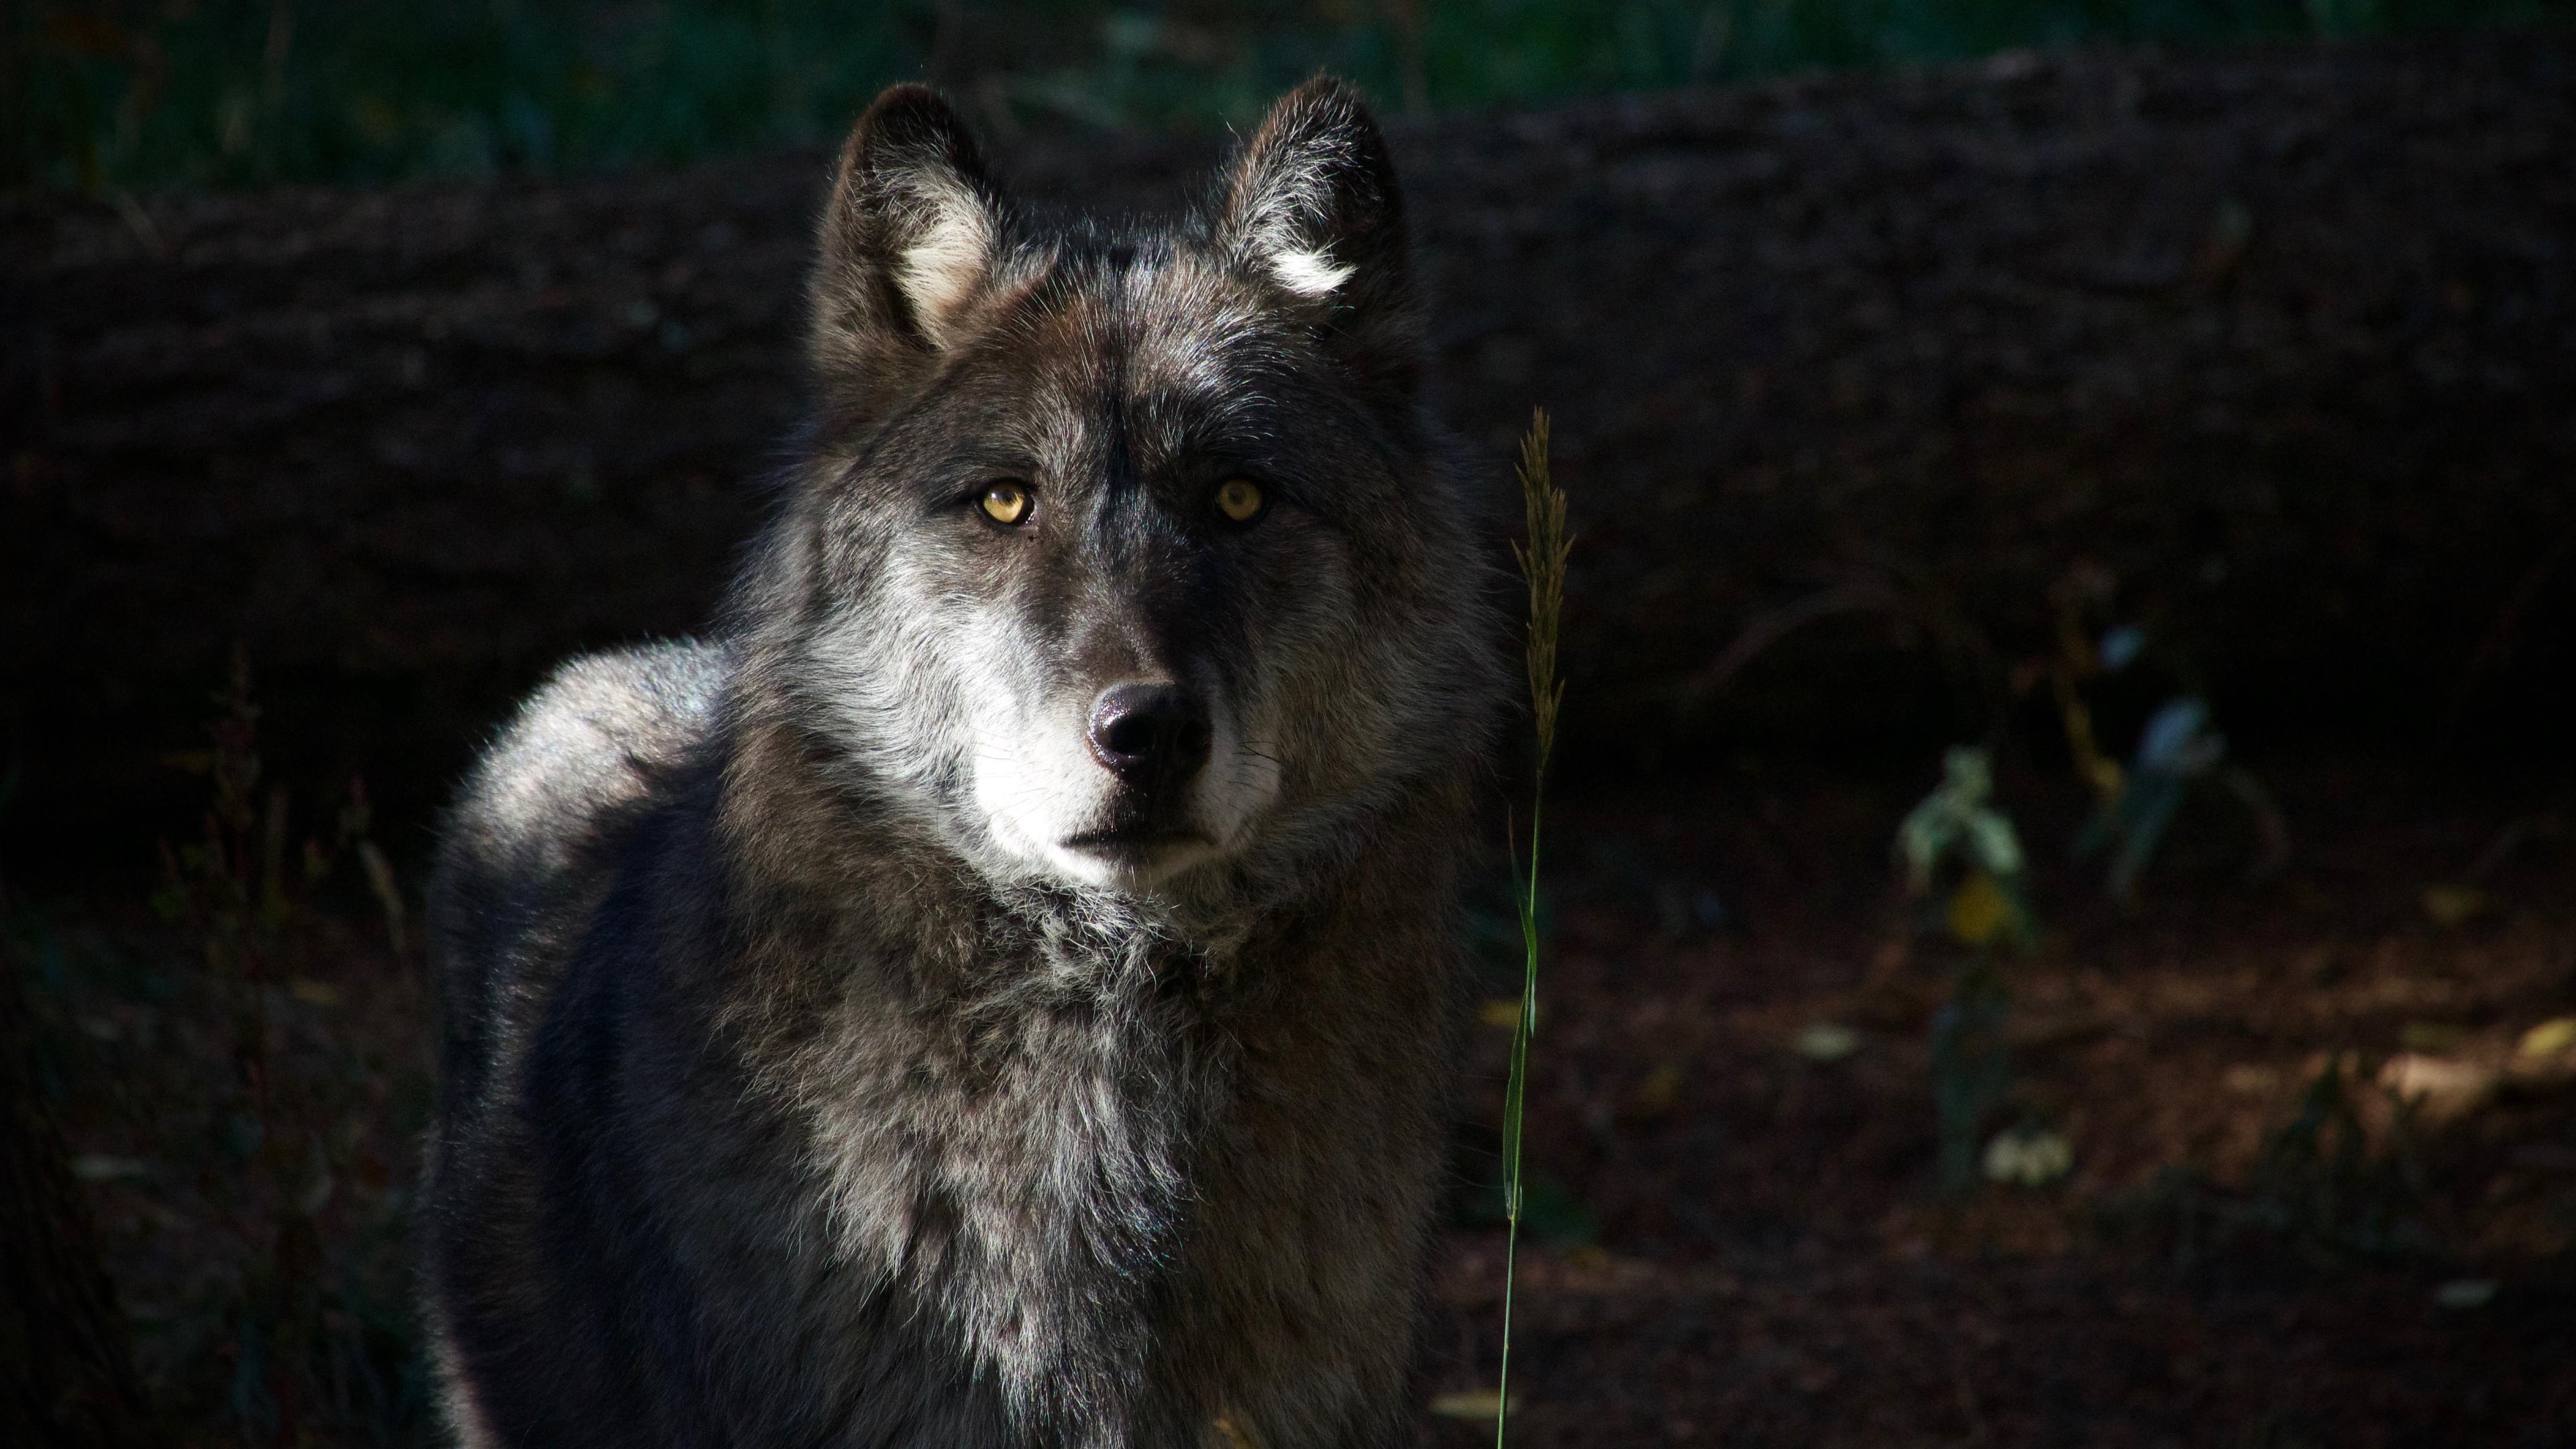 Популяция серого волка в США восстановлена, пора отстреливать?